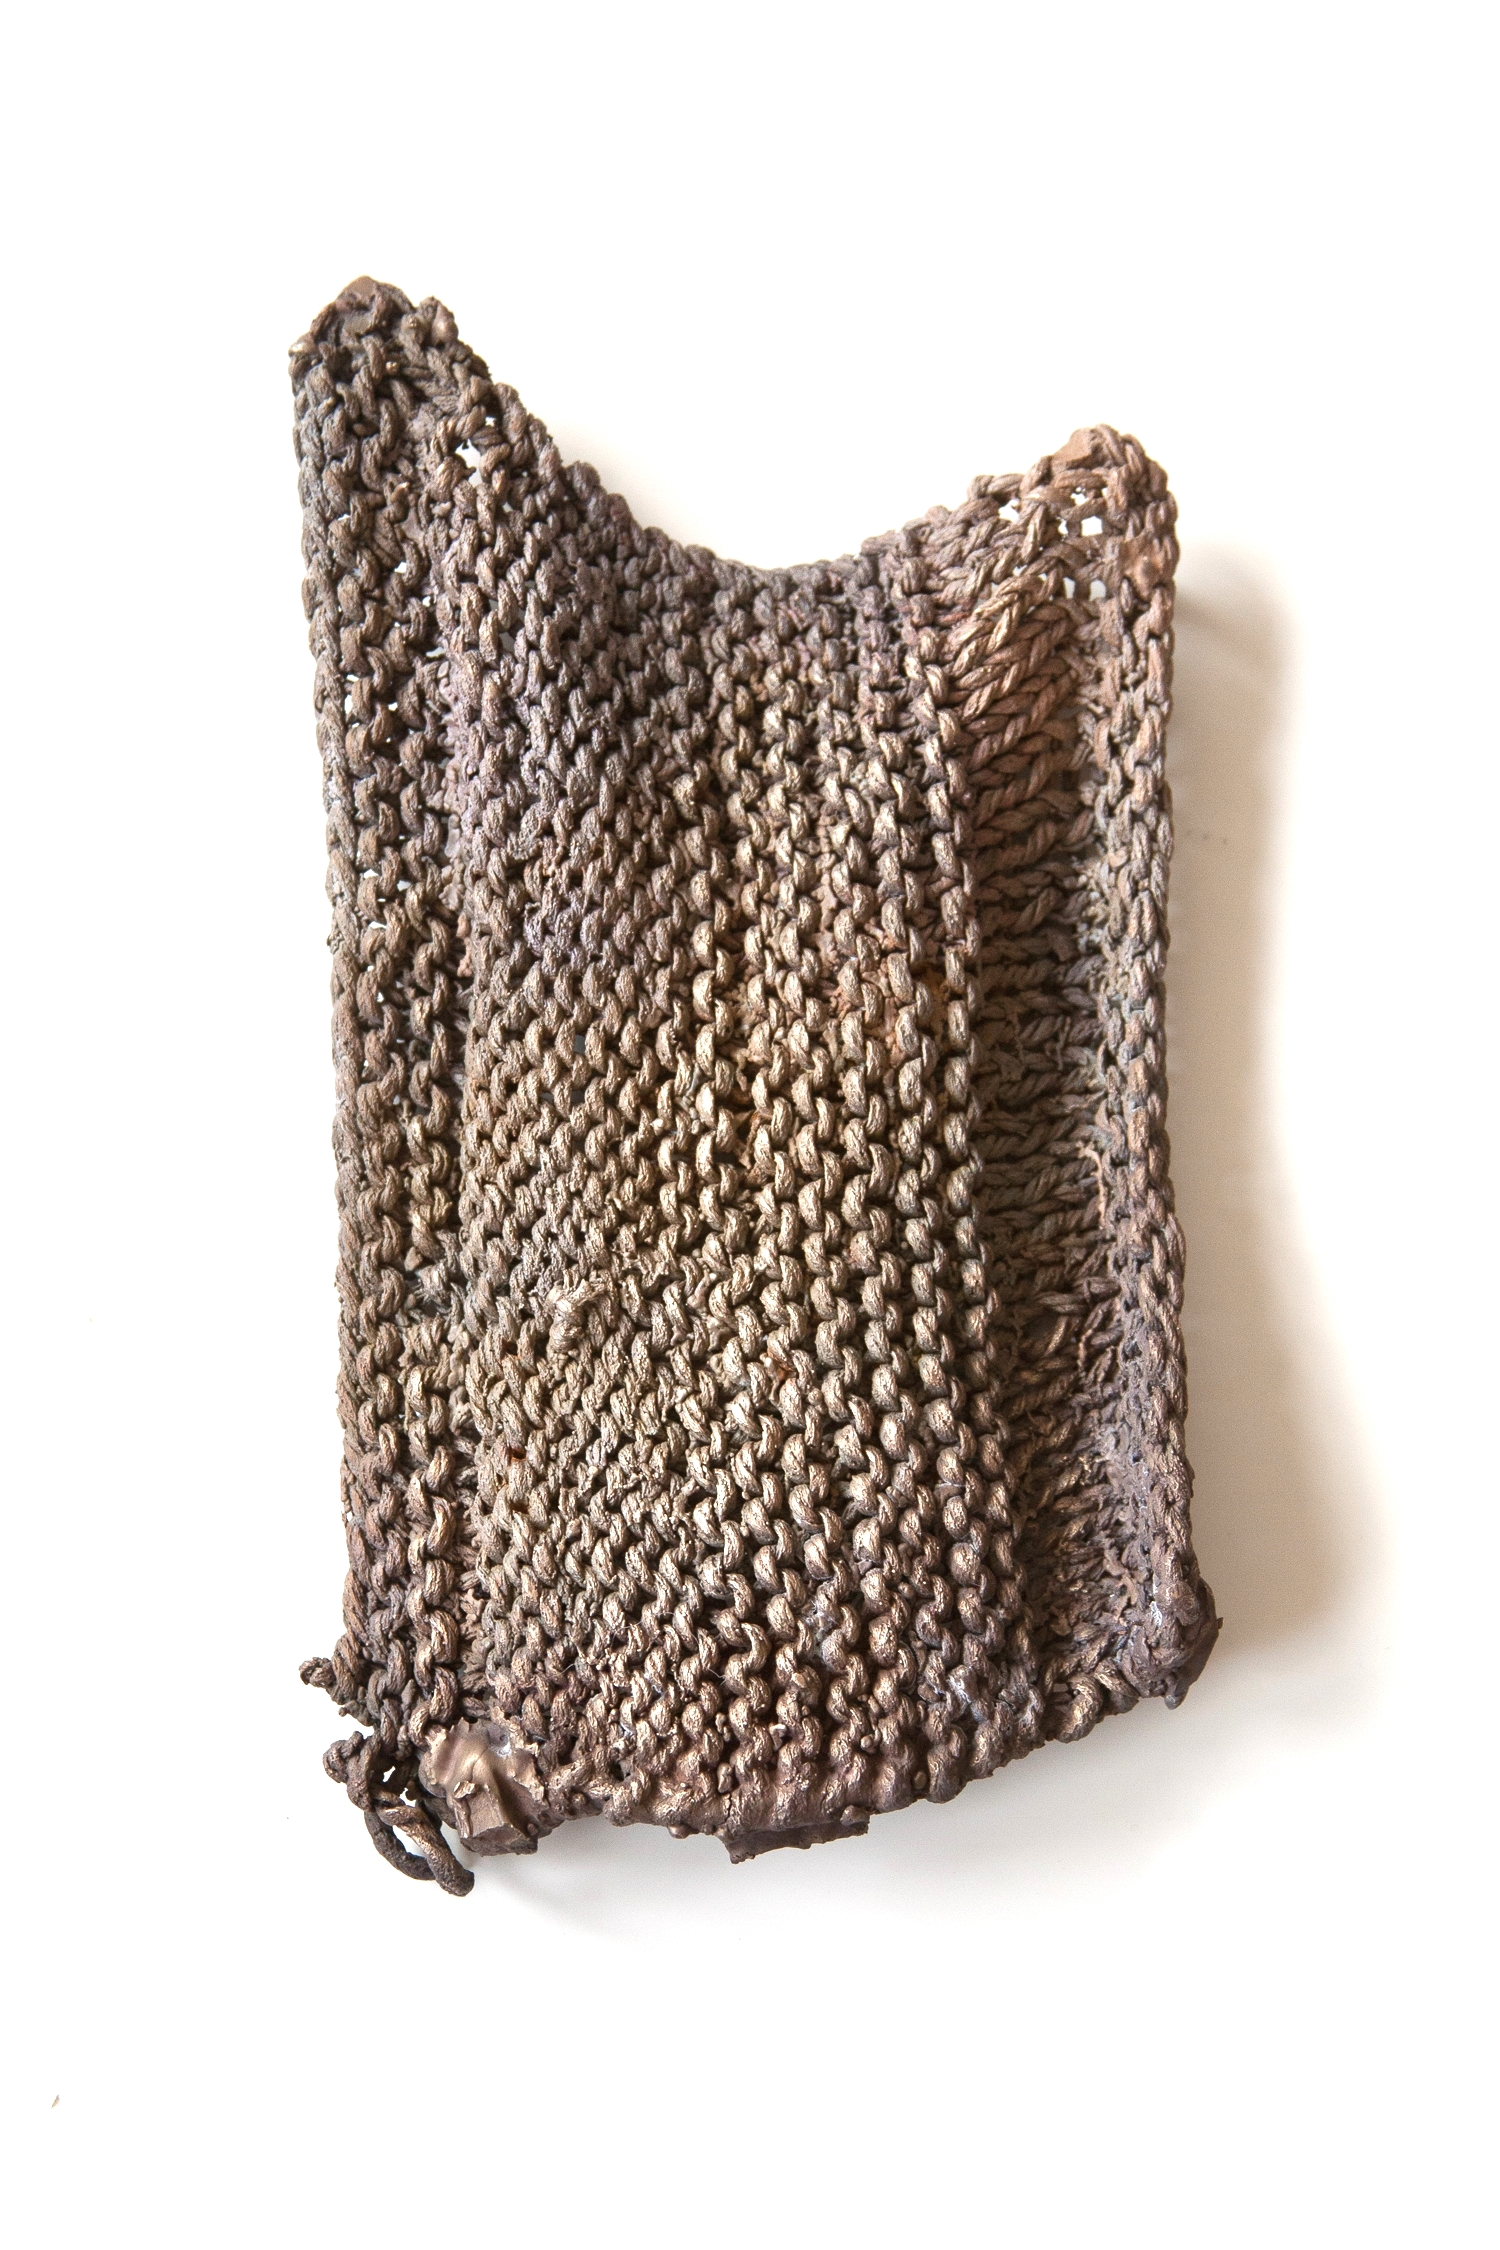 Bronze Knitwear II